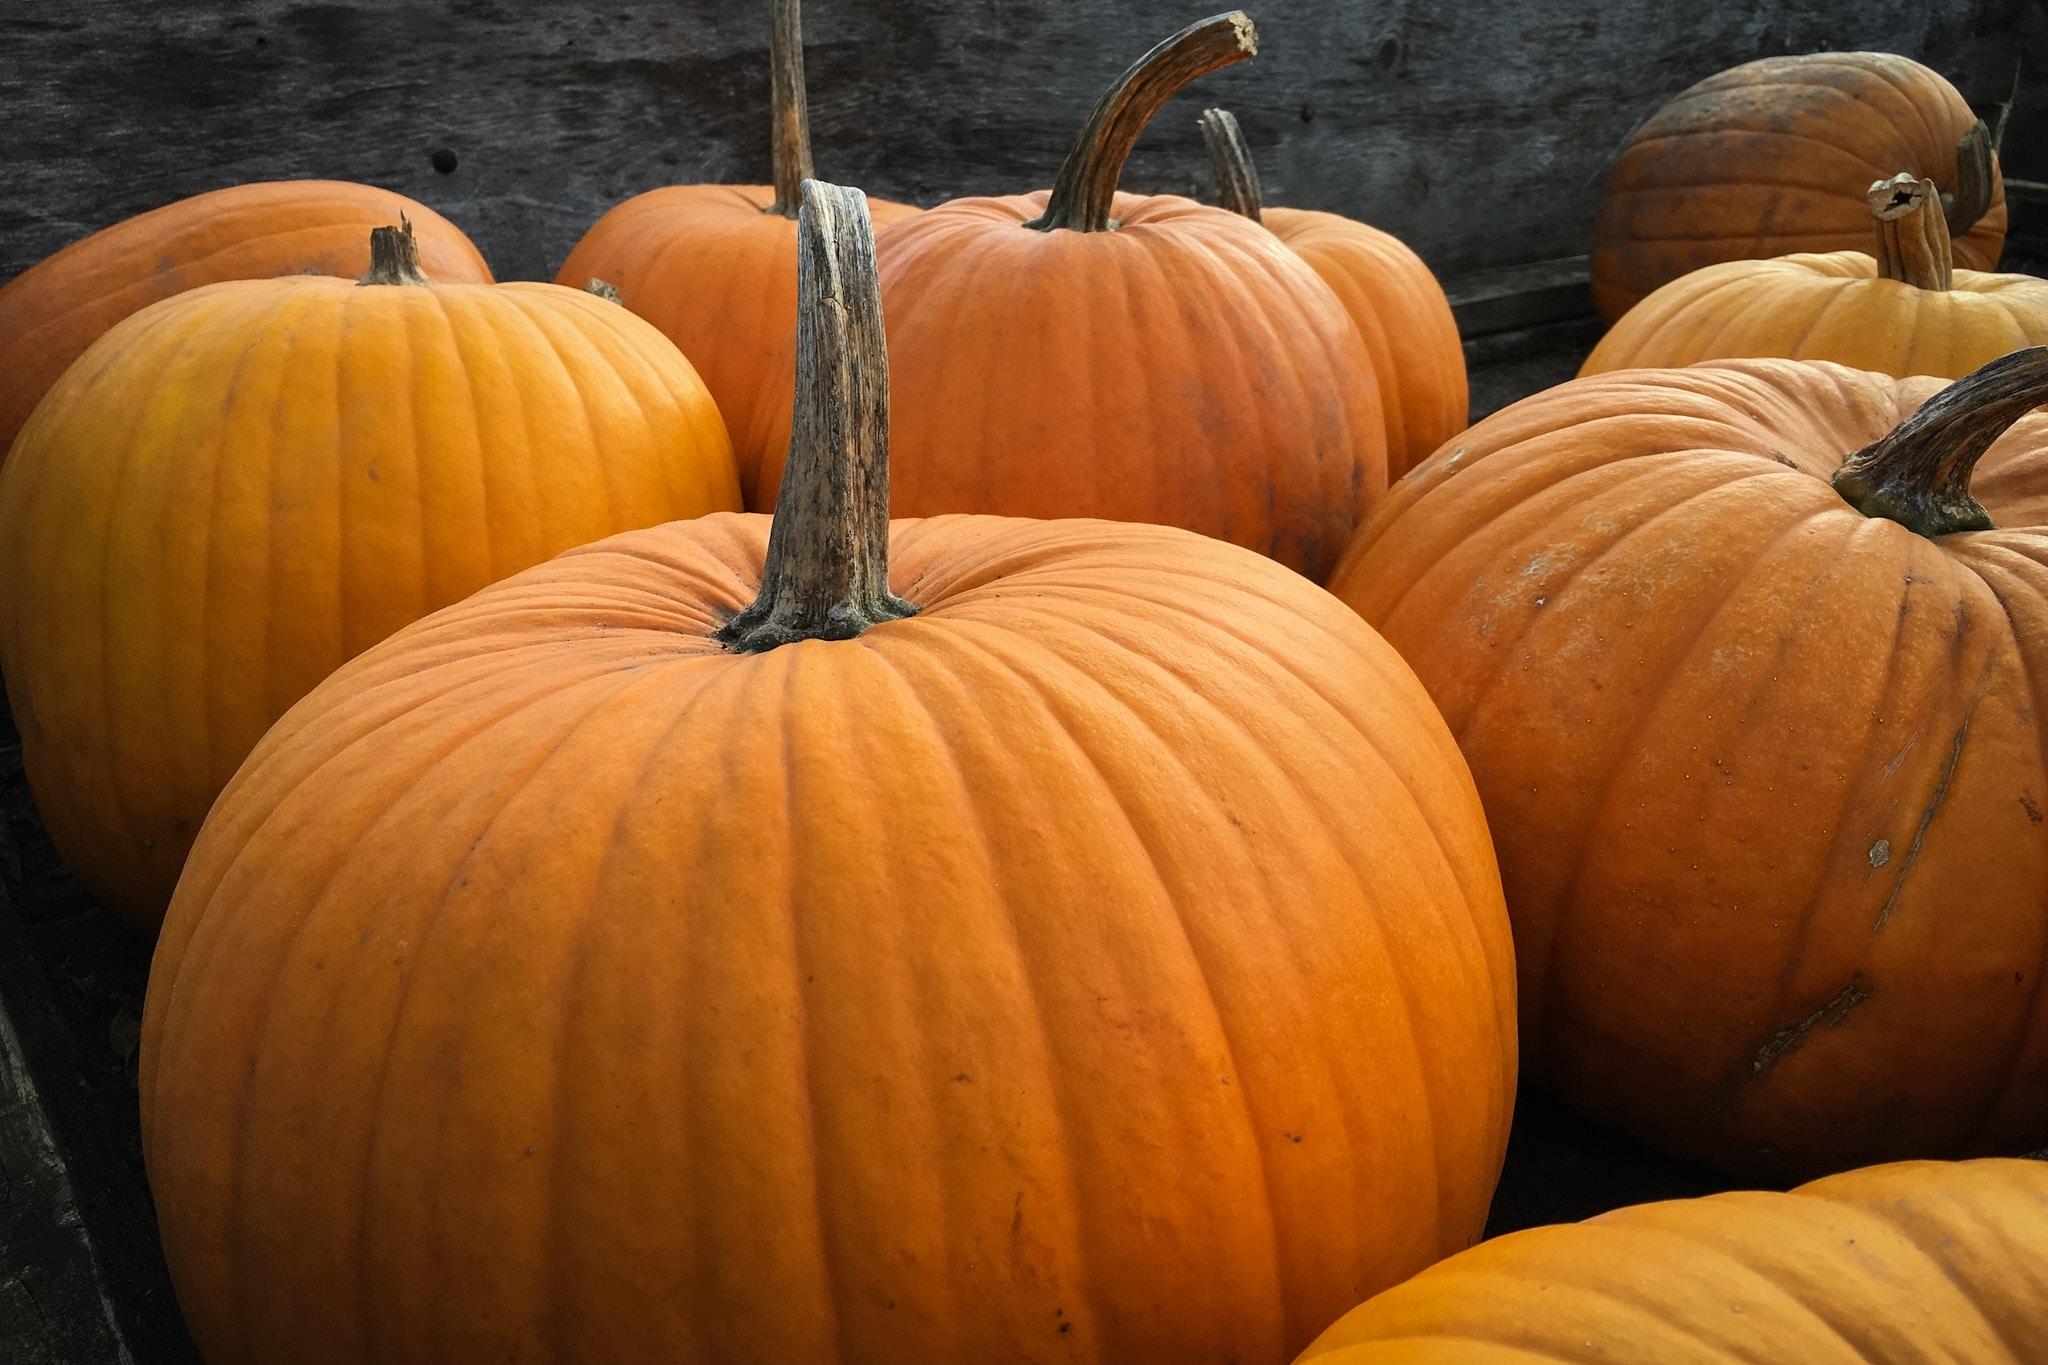 Large harvested pumpkins